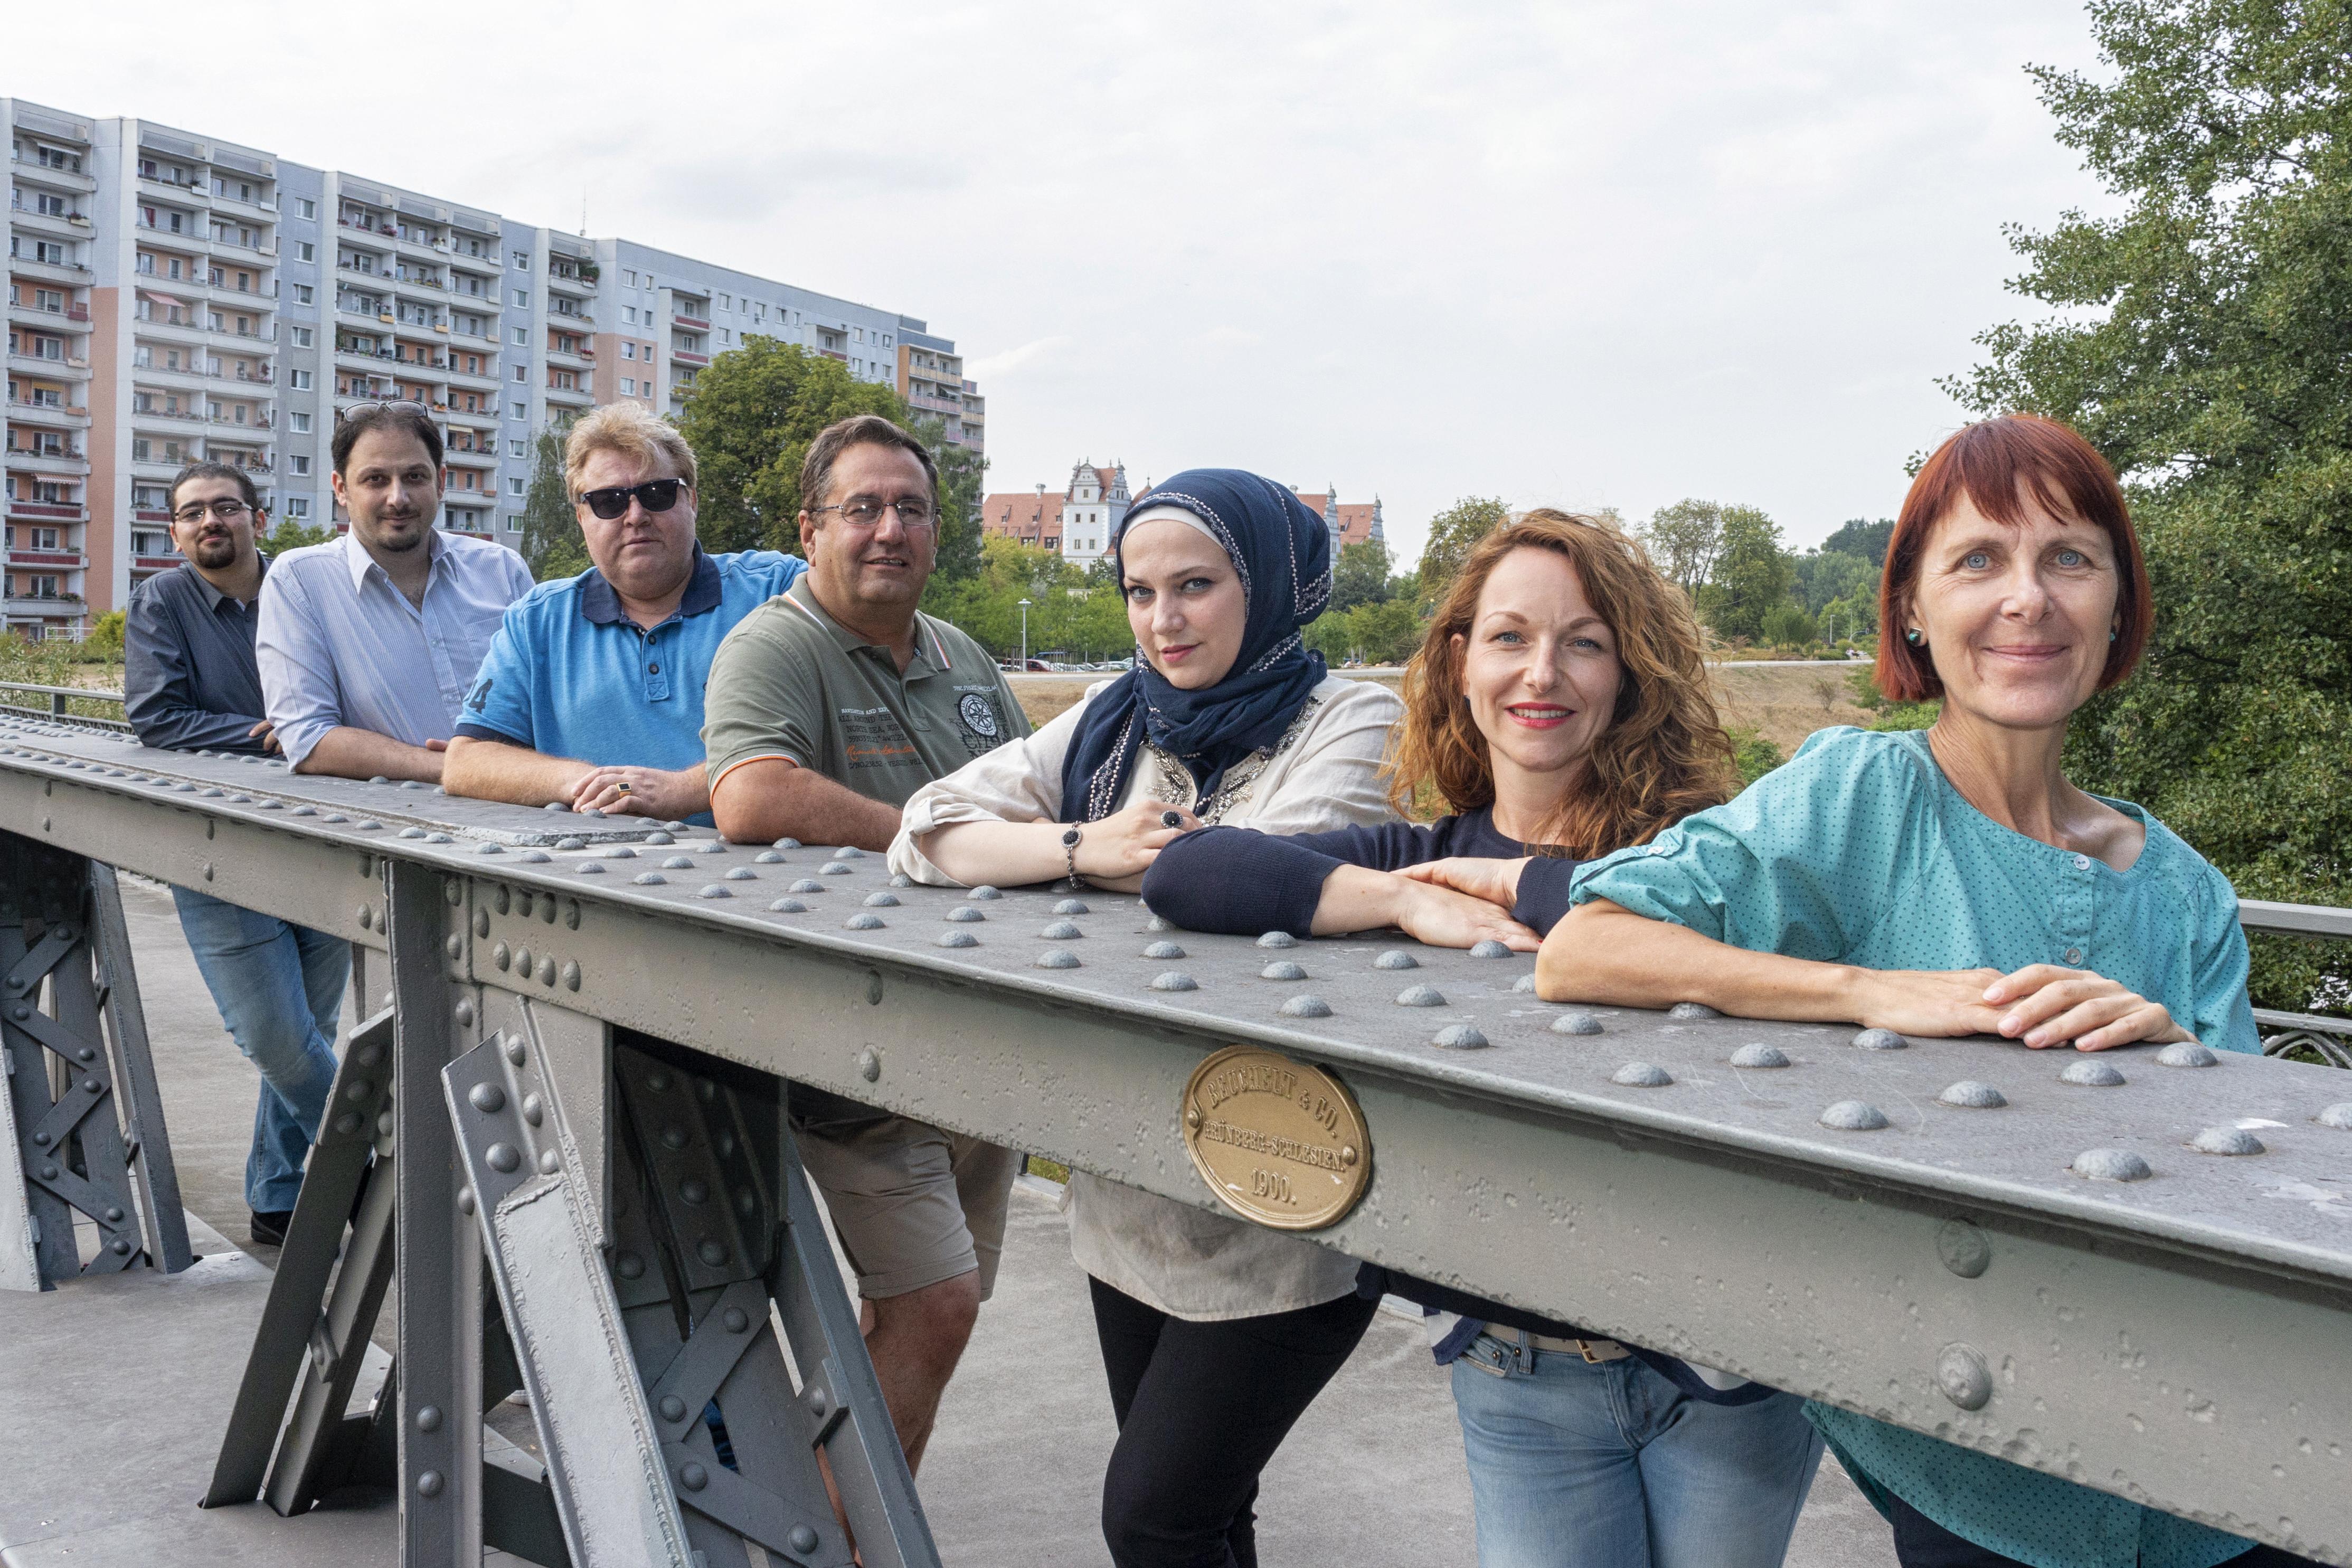 Sieben Menschen stehem auf einer Brücke. Es sind die Menschen, die zusammen die Zeitung machen.